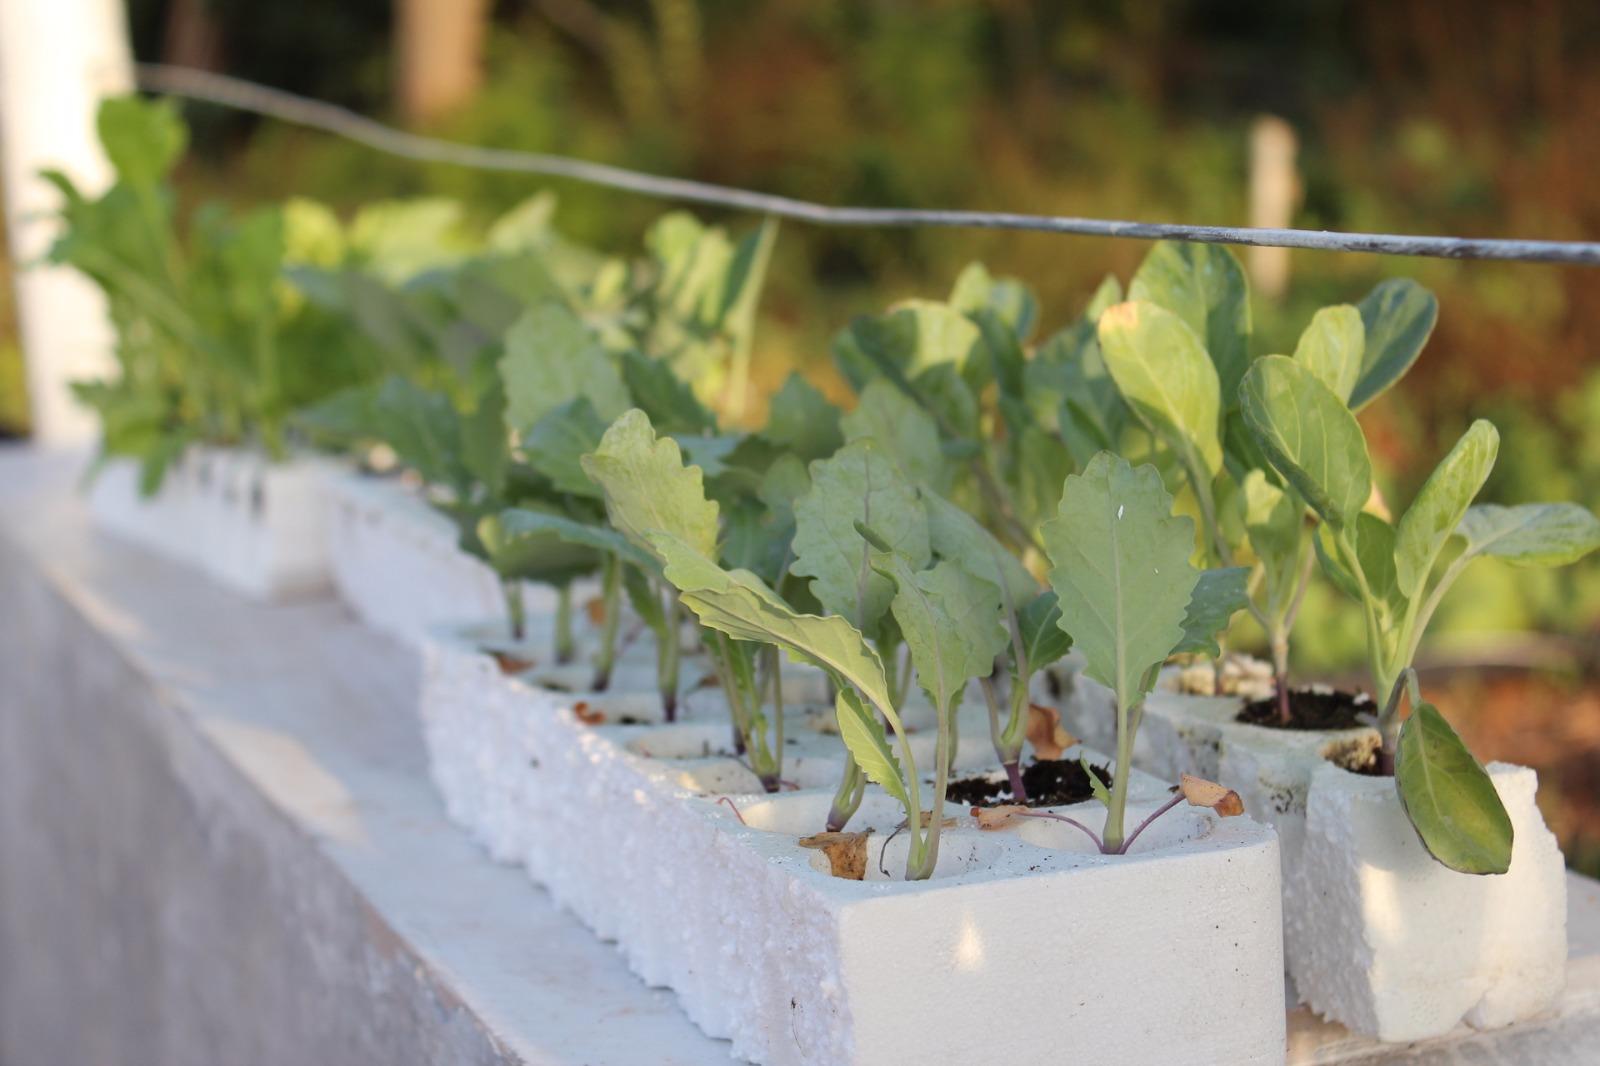 Piantine ortaggi da trapianto orti urbani palermo for Piantine ortaggi